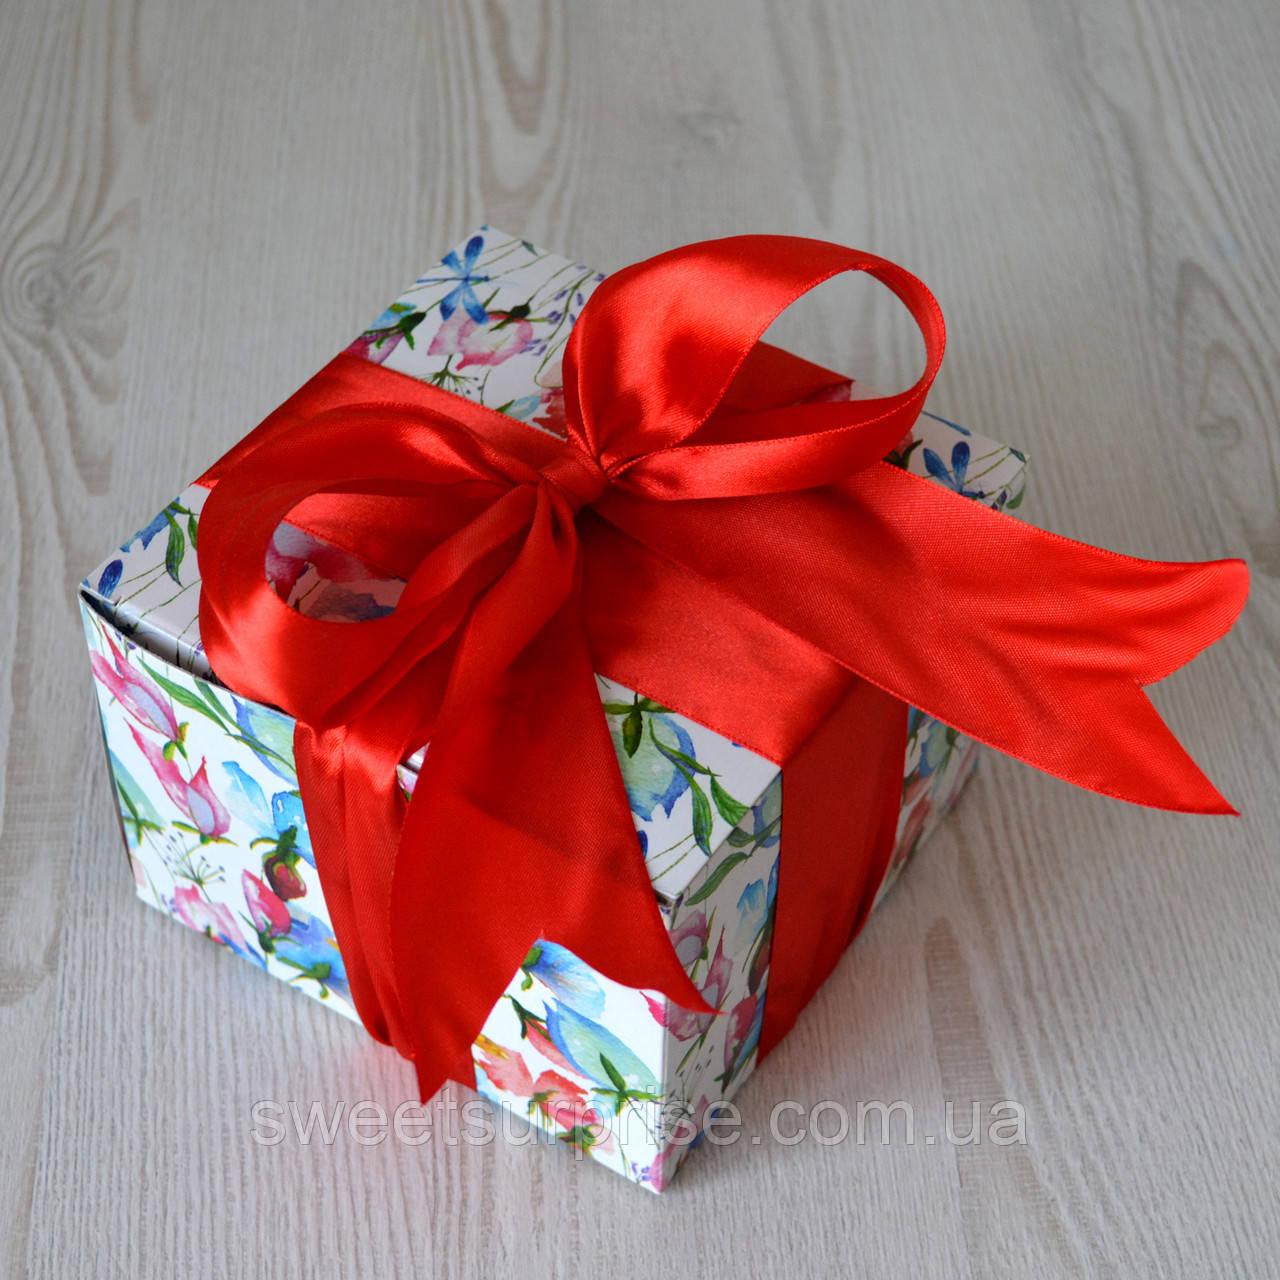 Вкусный подарок на 8 марта для девочки в школу